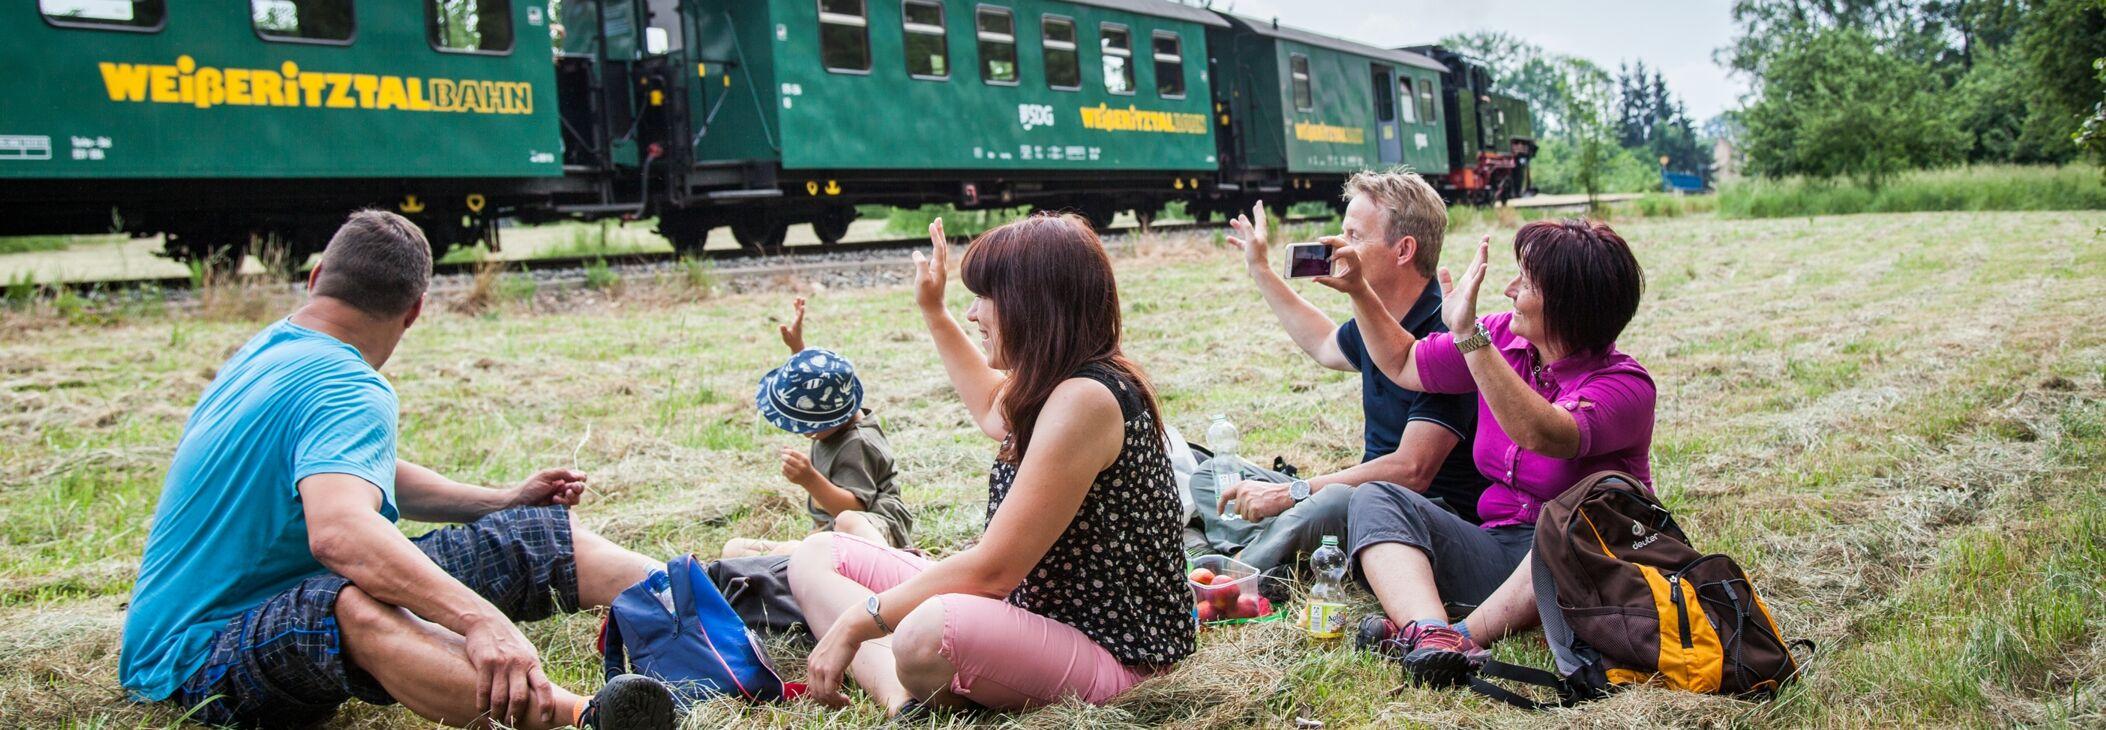 Familie macht Picknick mit Blick auf den Dampfzug